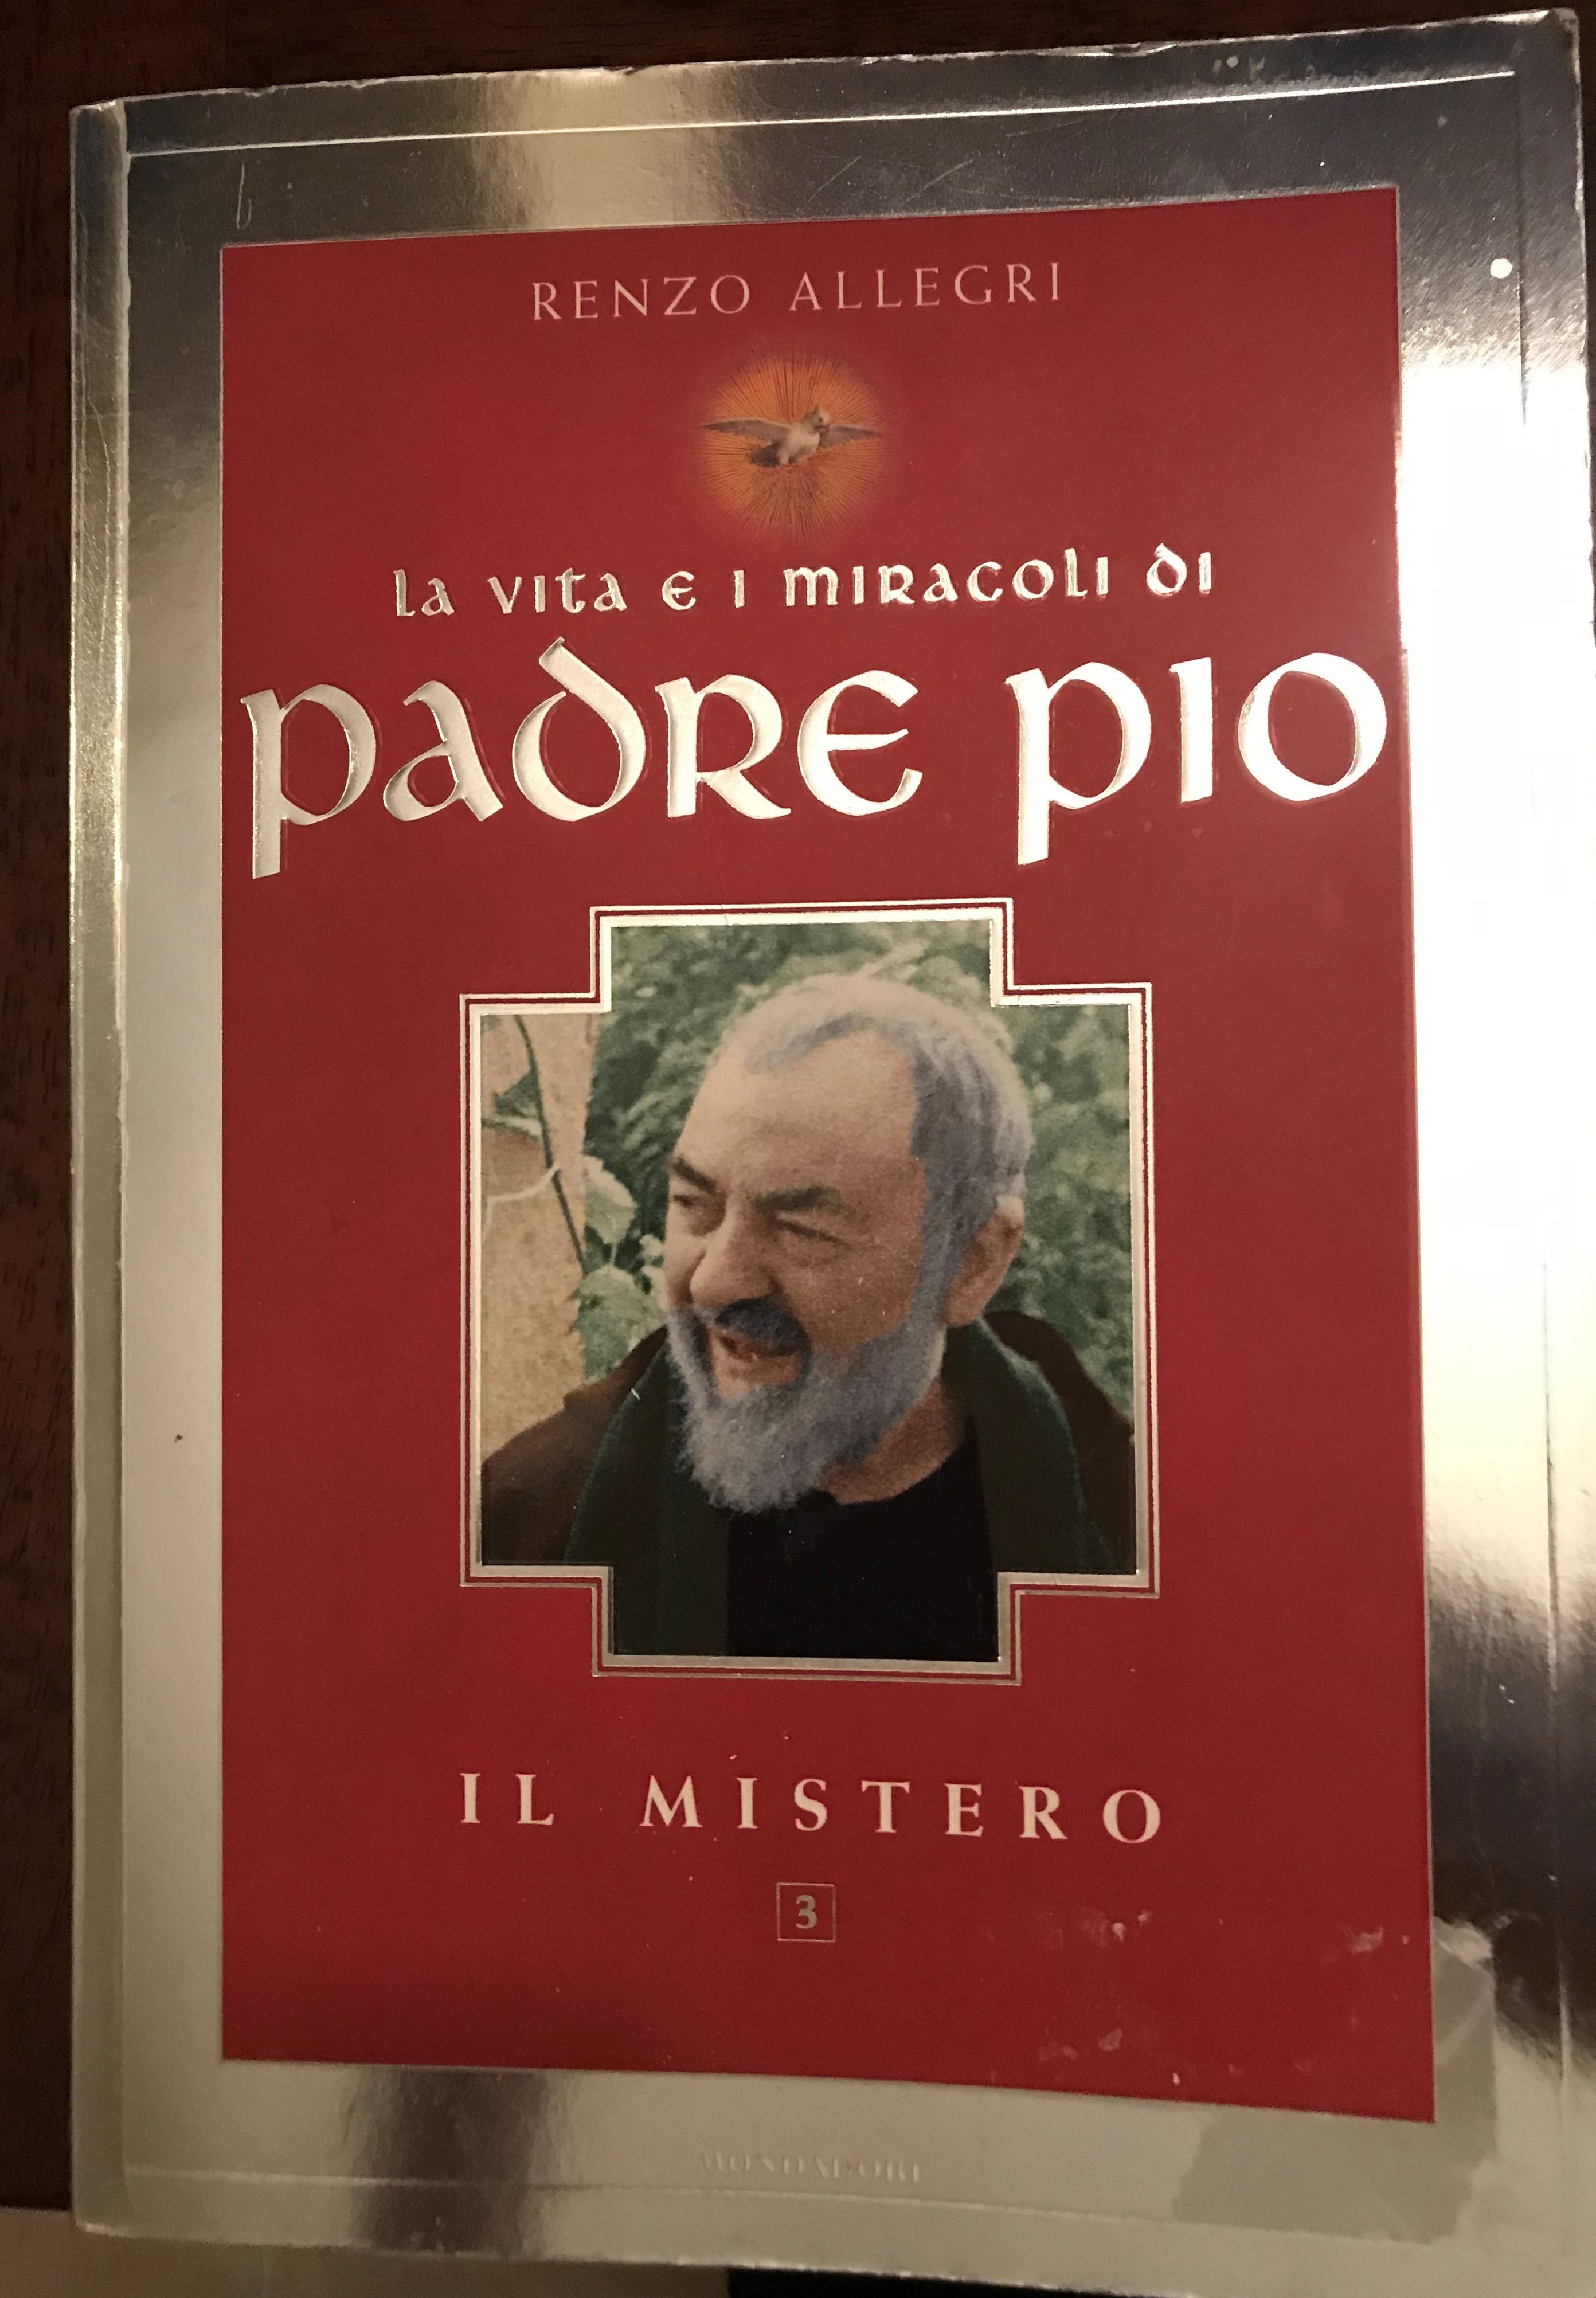 La vita e i miracoli di Padre Pio. Il mistero (vol. 3)